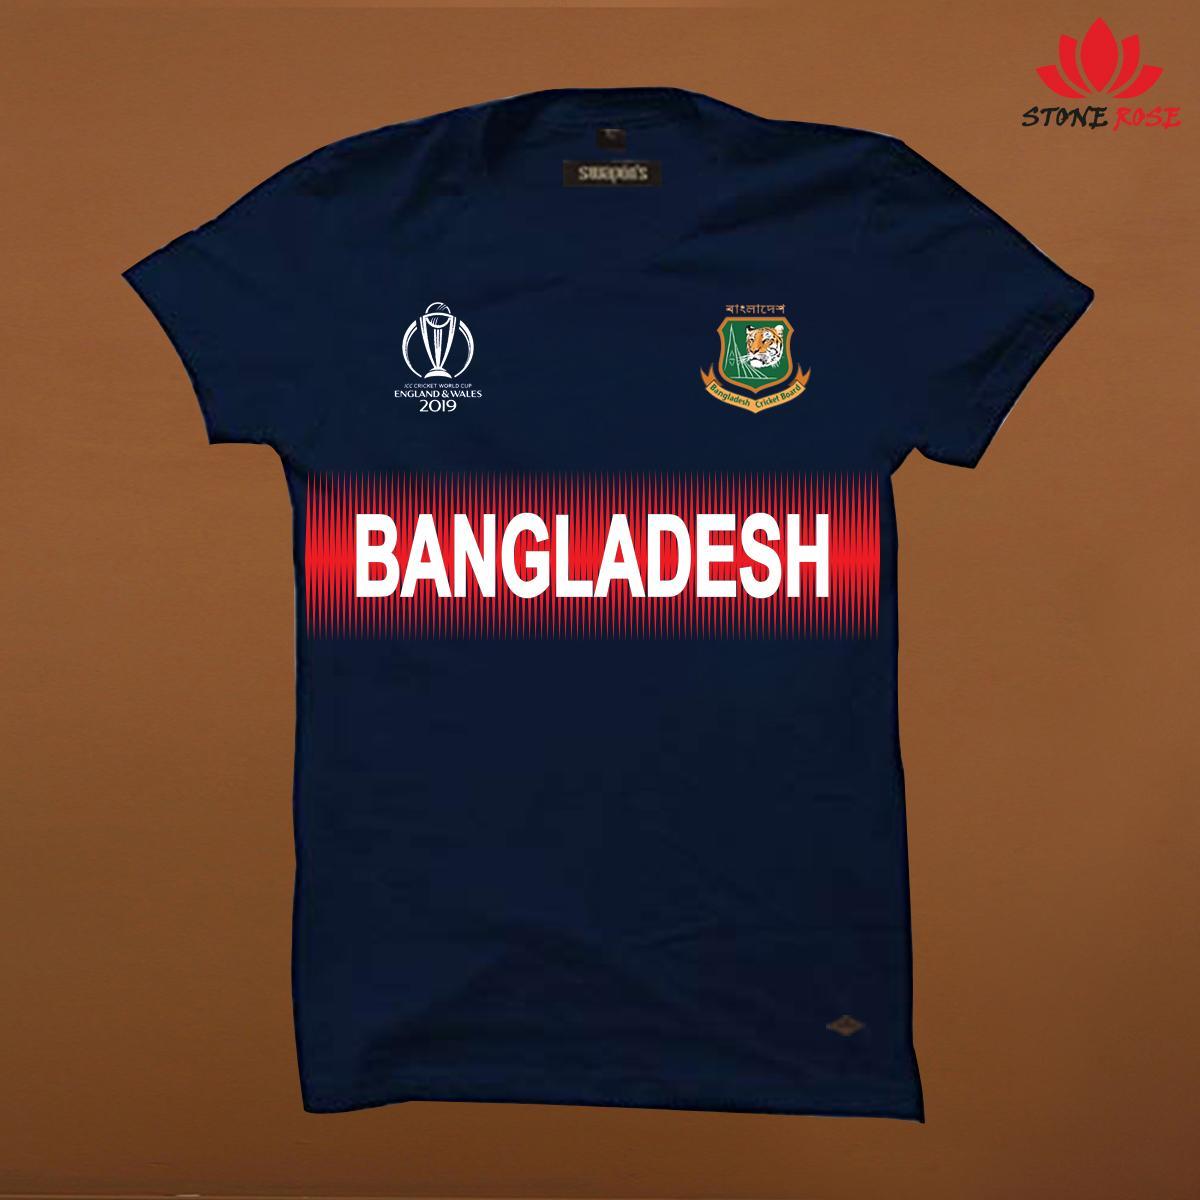 c939acd8da7 Men's T-Shirts Online: Buy T-Shirts For Men In Bangladesh – Daraz